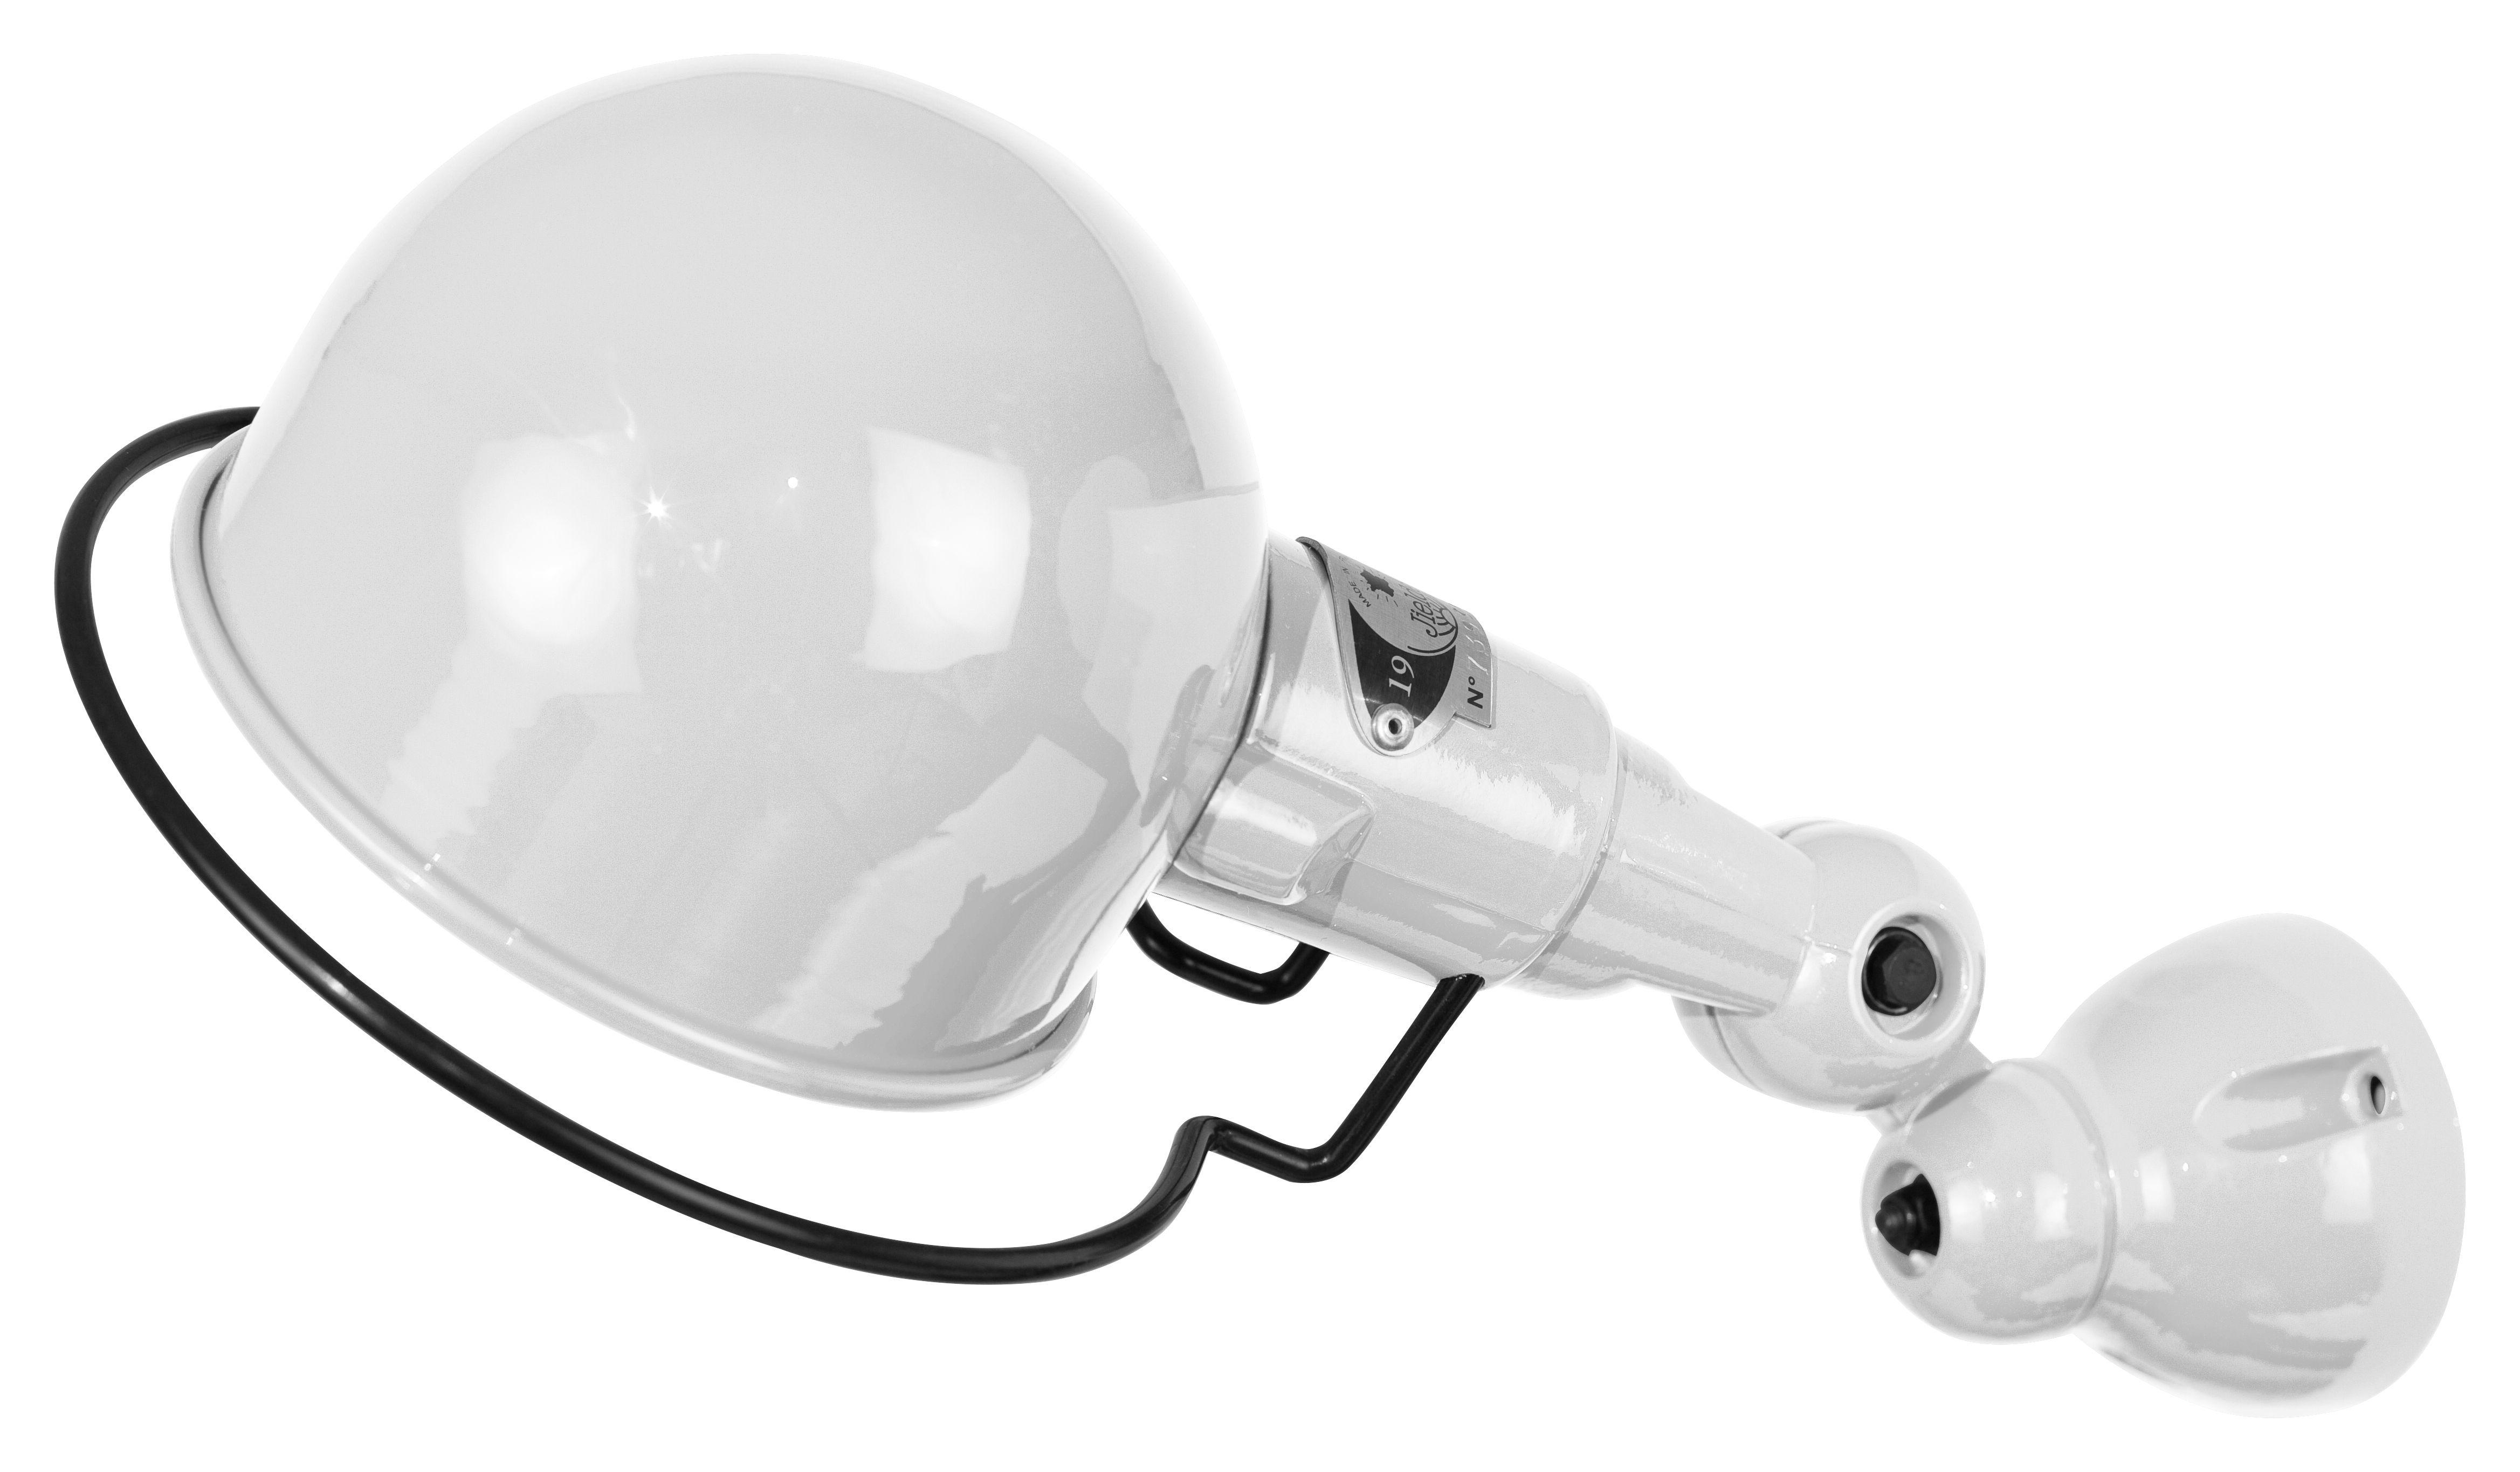 Leuchten - Wandleuchten - Signal Wandleuchte Ø 10 cm - Jieldé - Weiß-glänzend - rostfreier Stahl